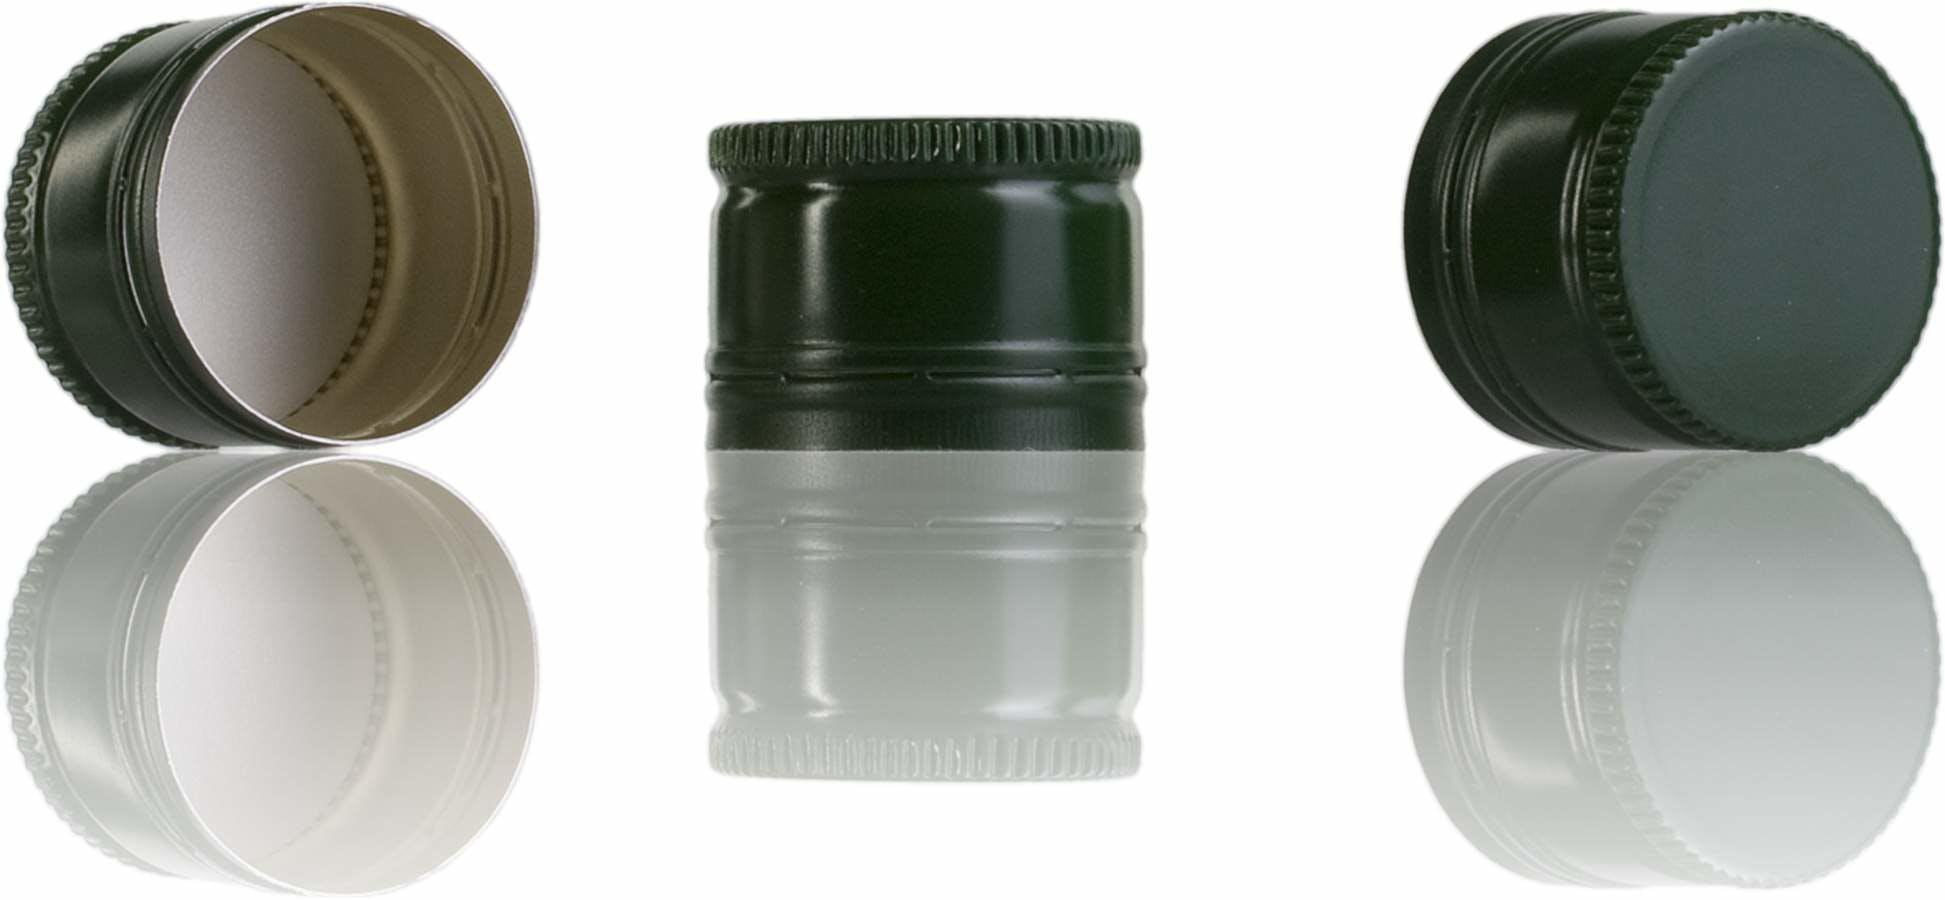 Tapon Pilfer 31,5 x 24 verde -sistemas-de-cierre-tapones